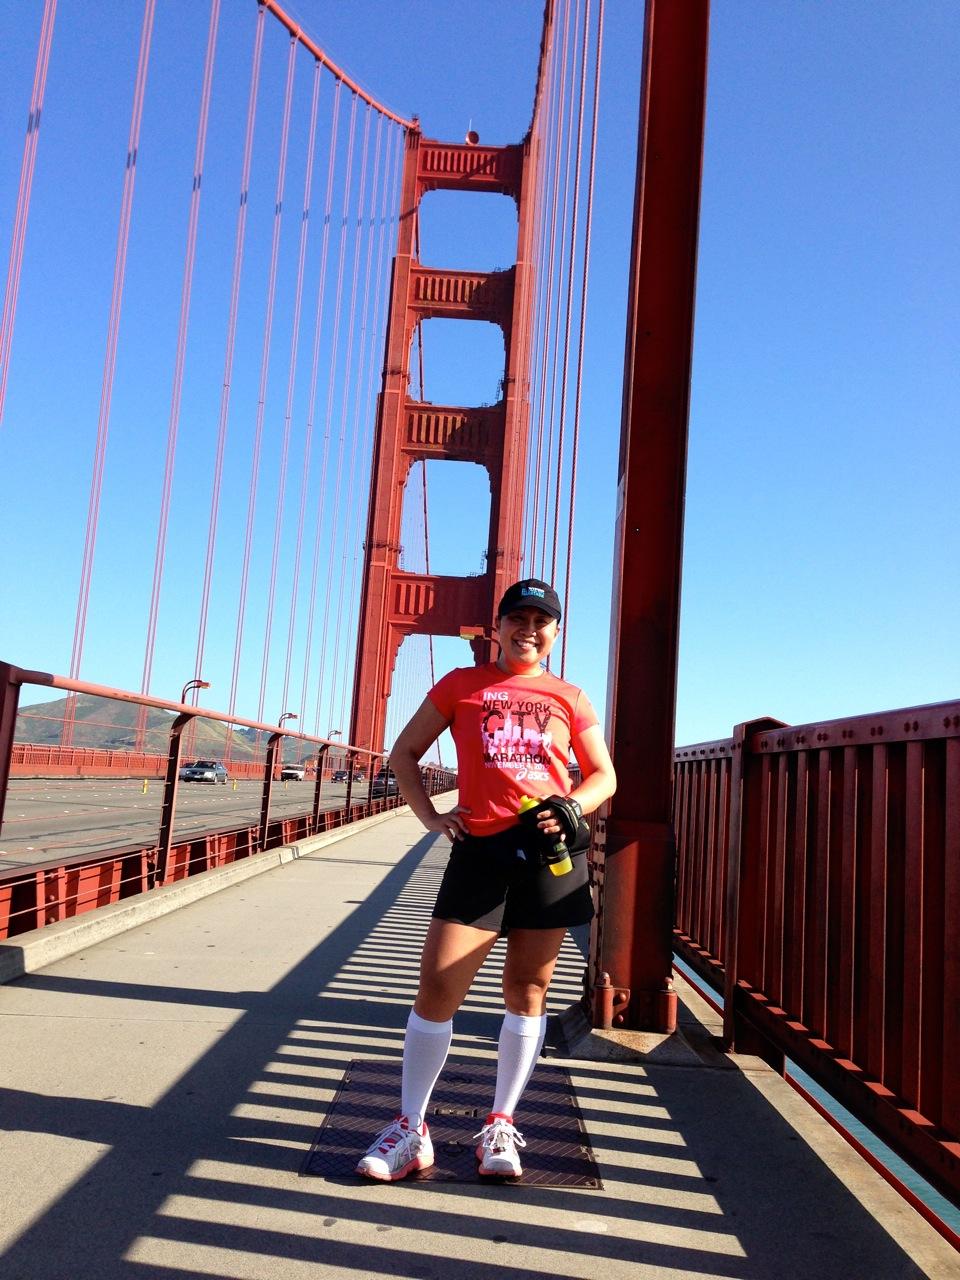 Running across the Golden Gate Bridge